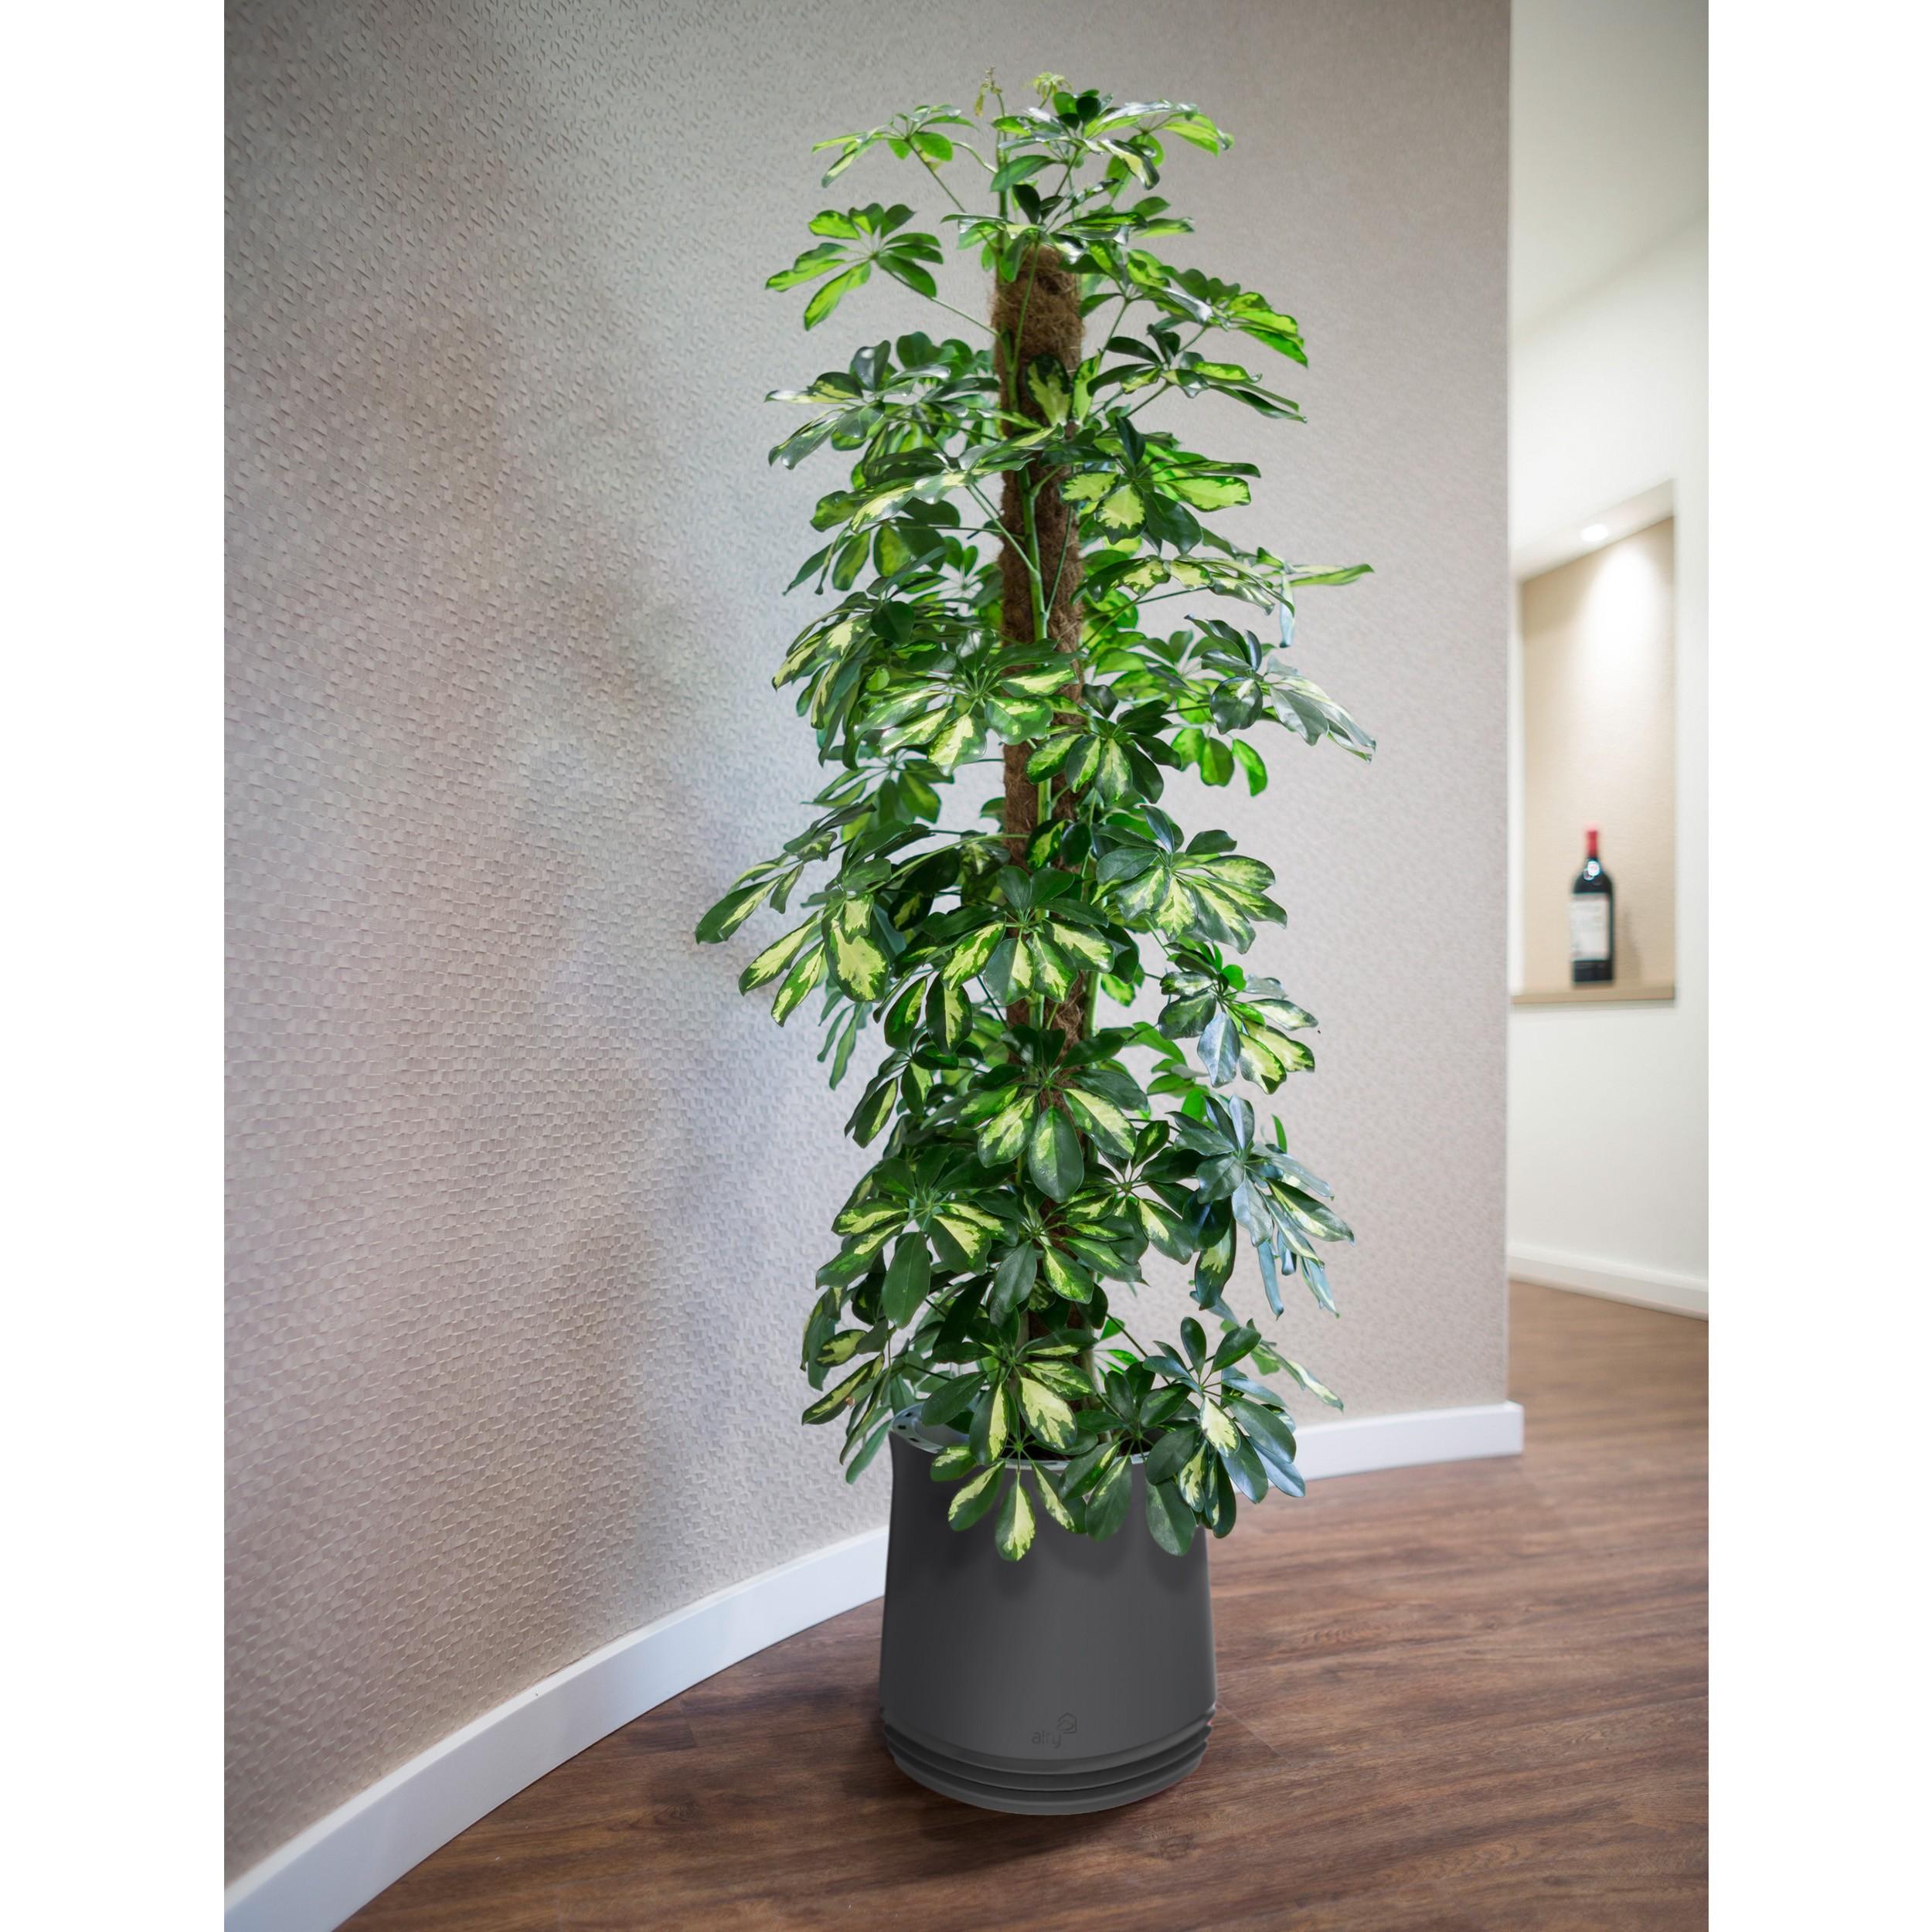 Blumentopf airy pflanztopf bertopf zimmerpflanzen luftreinigungssystem pflanzen ebay - Zimmerpflanzen groay ...